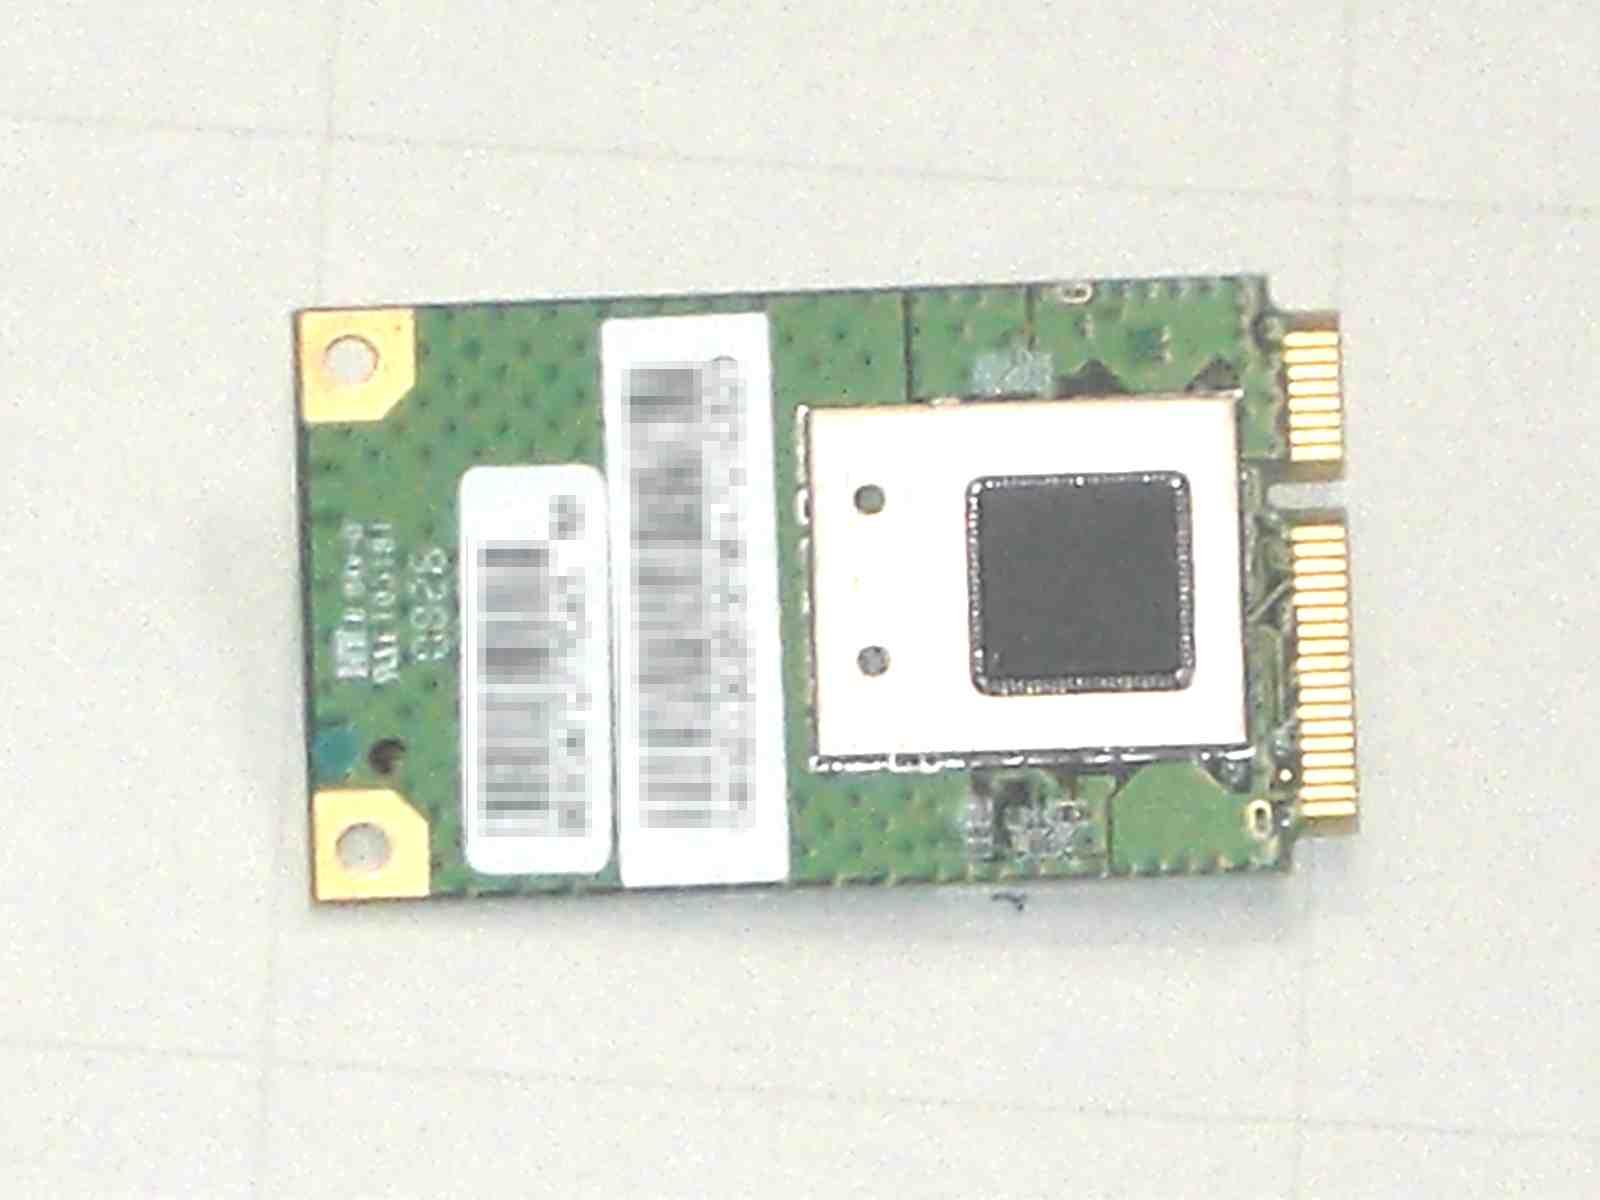 ASUS Eee S101H WiFi無線LANカード 画像2